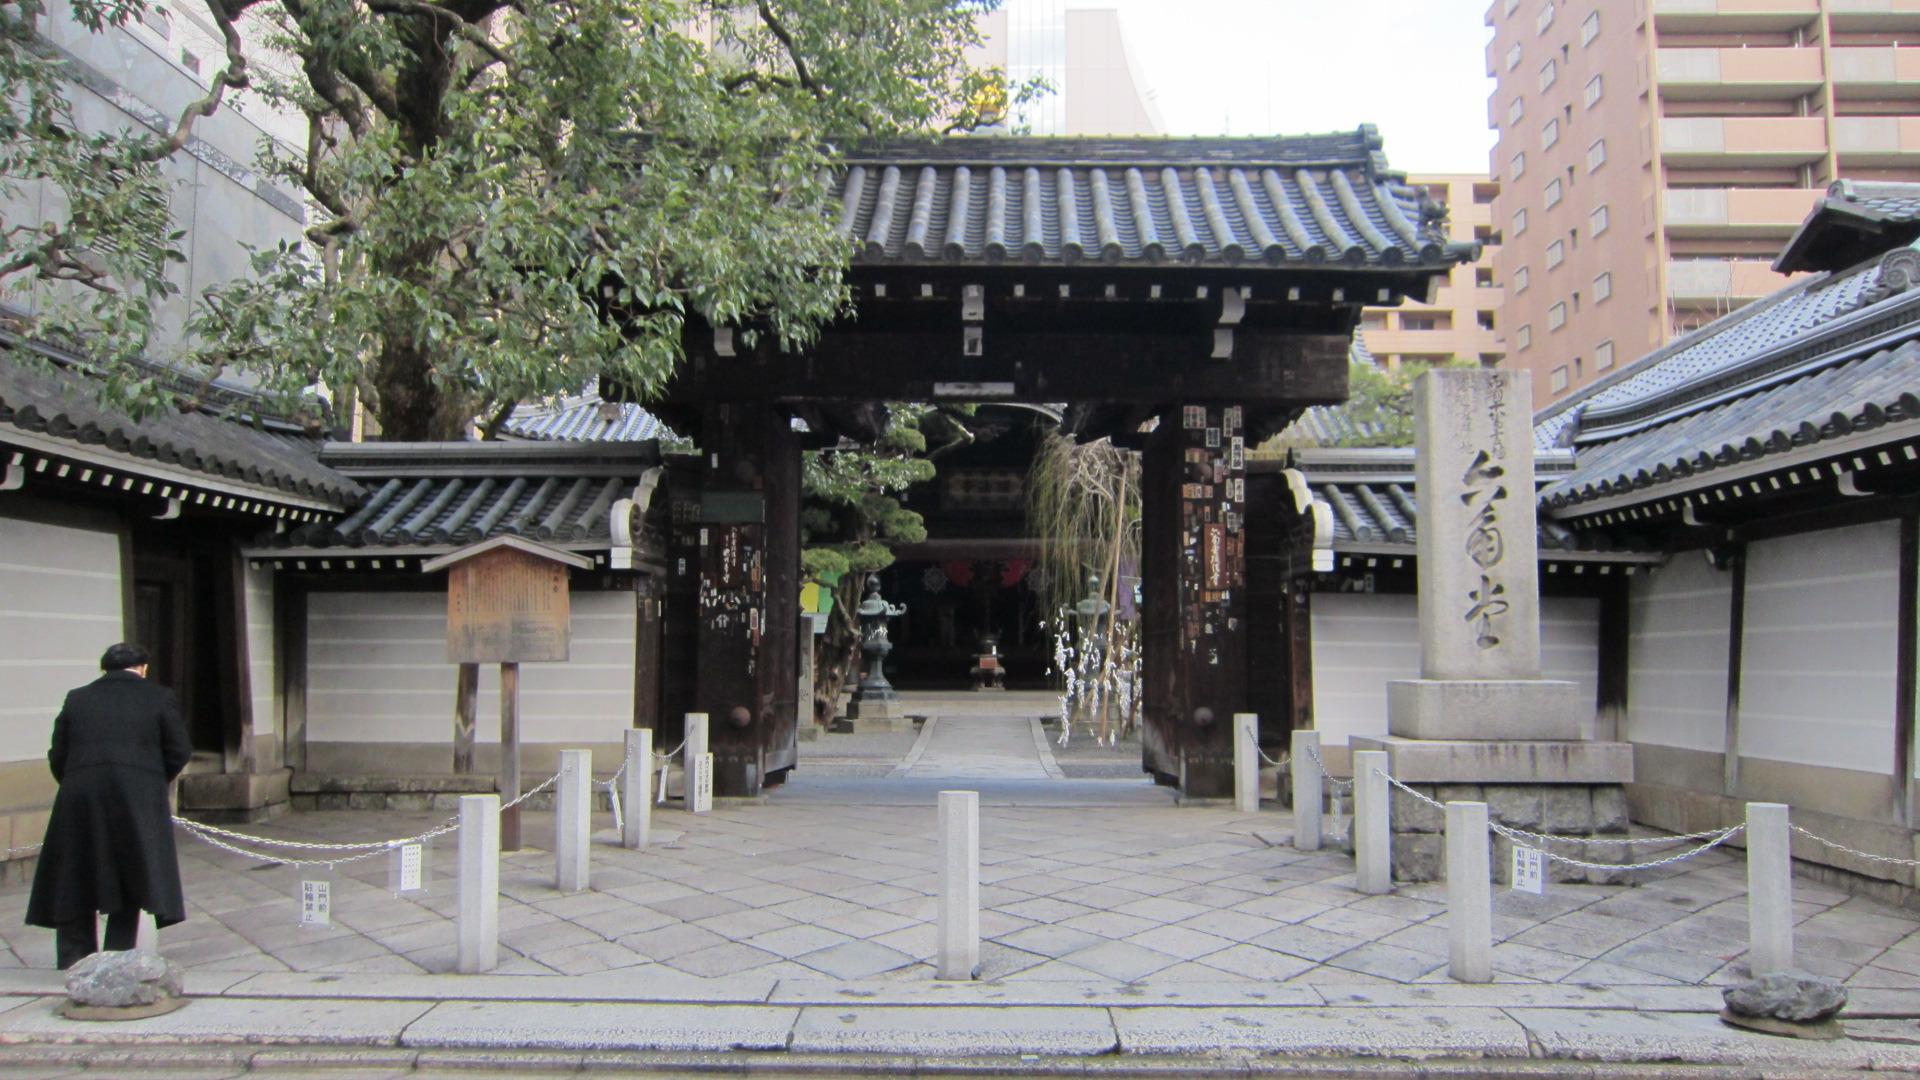 六角堂(紫云山顶法寺)